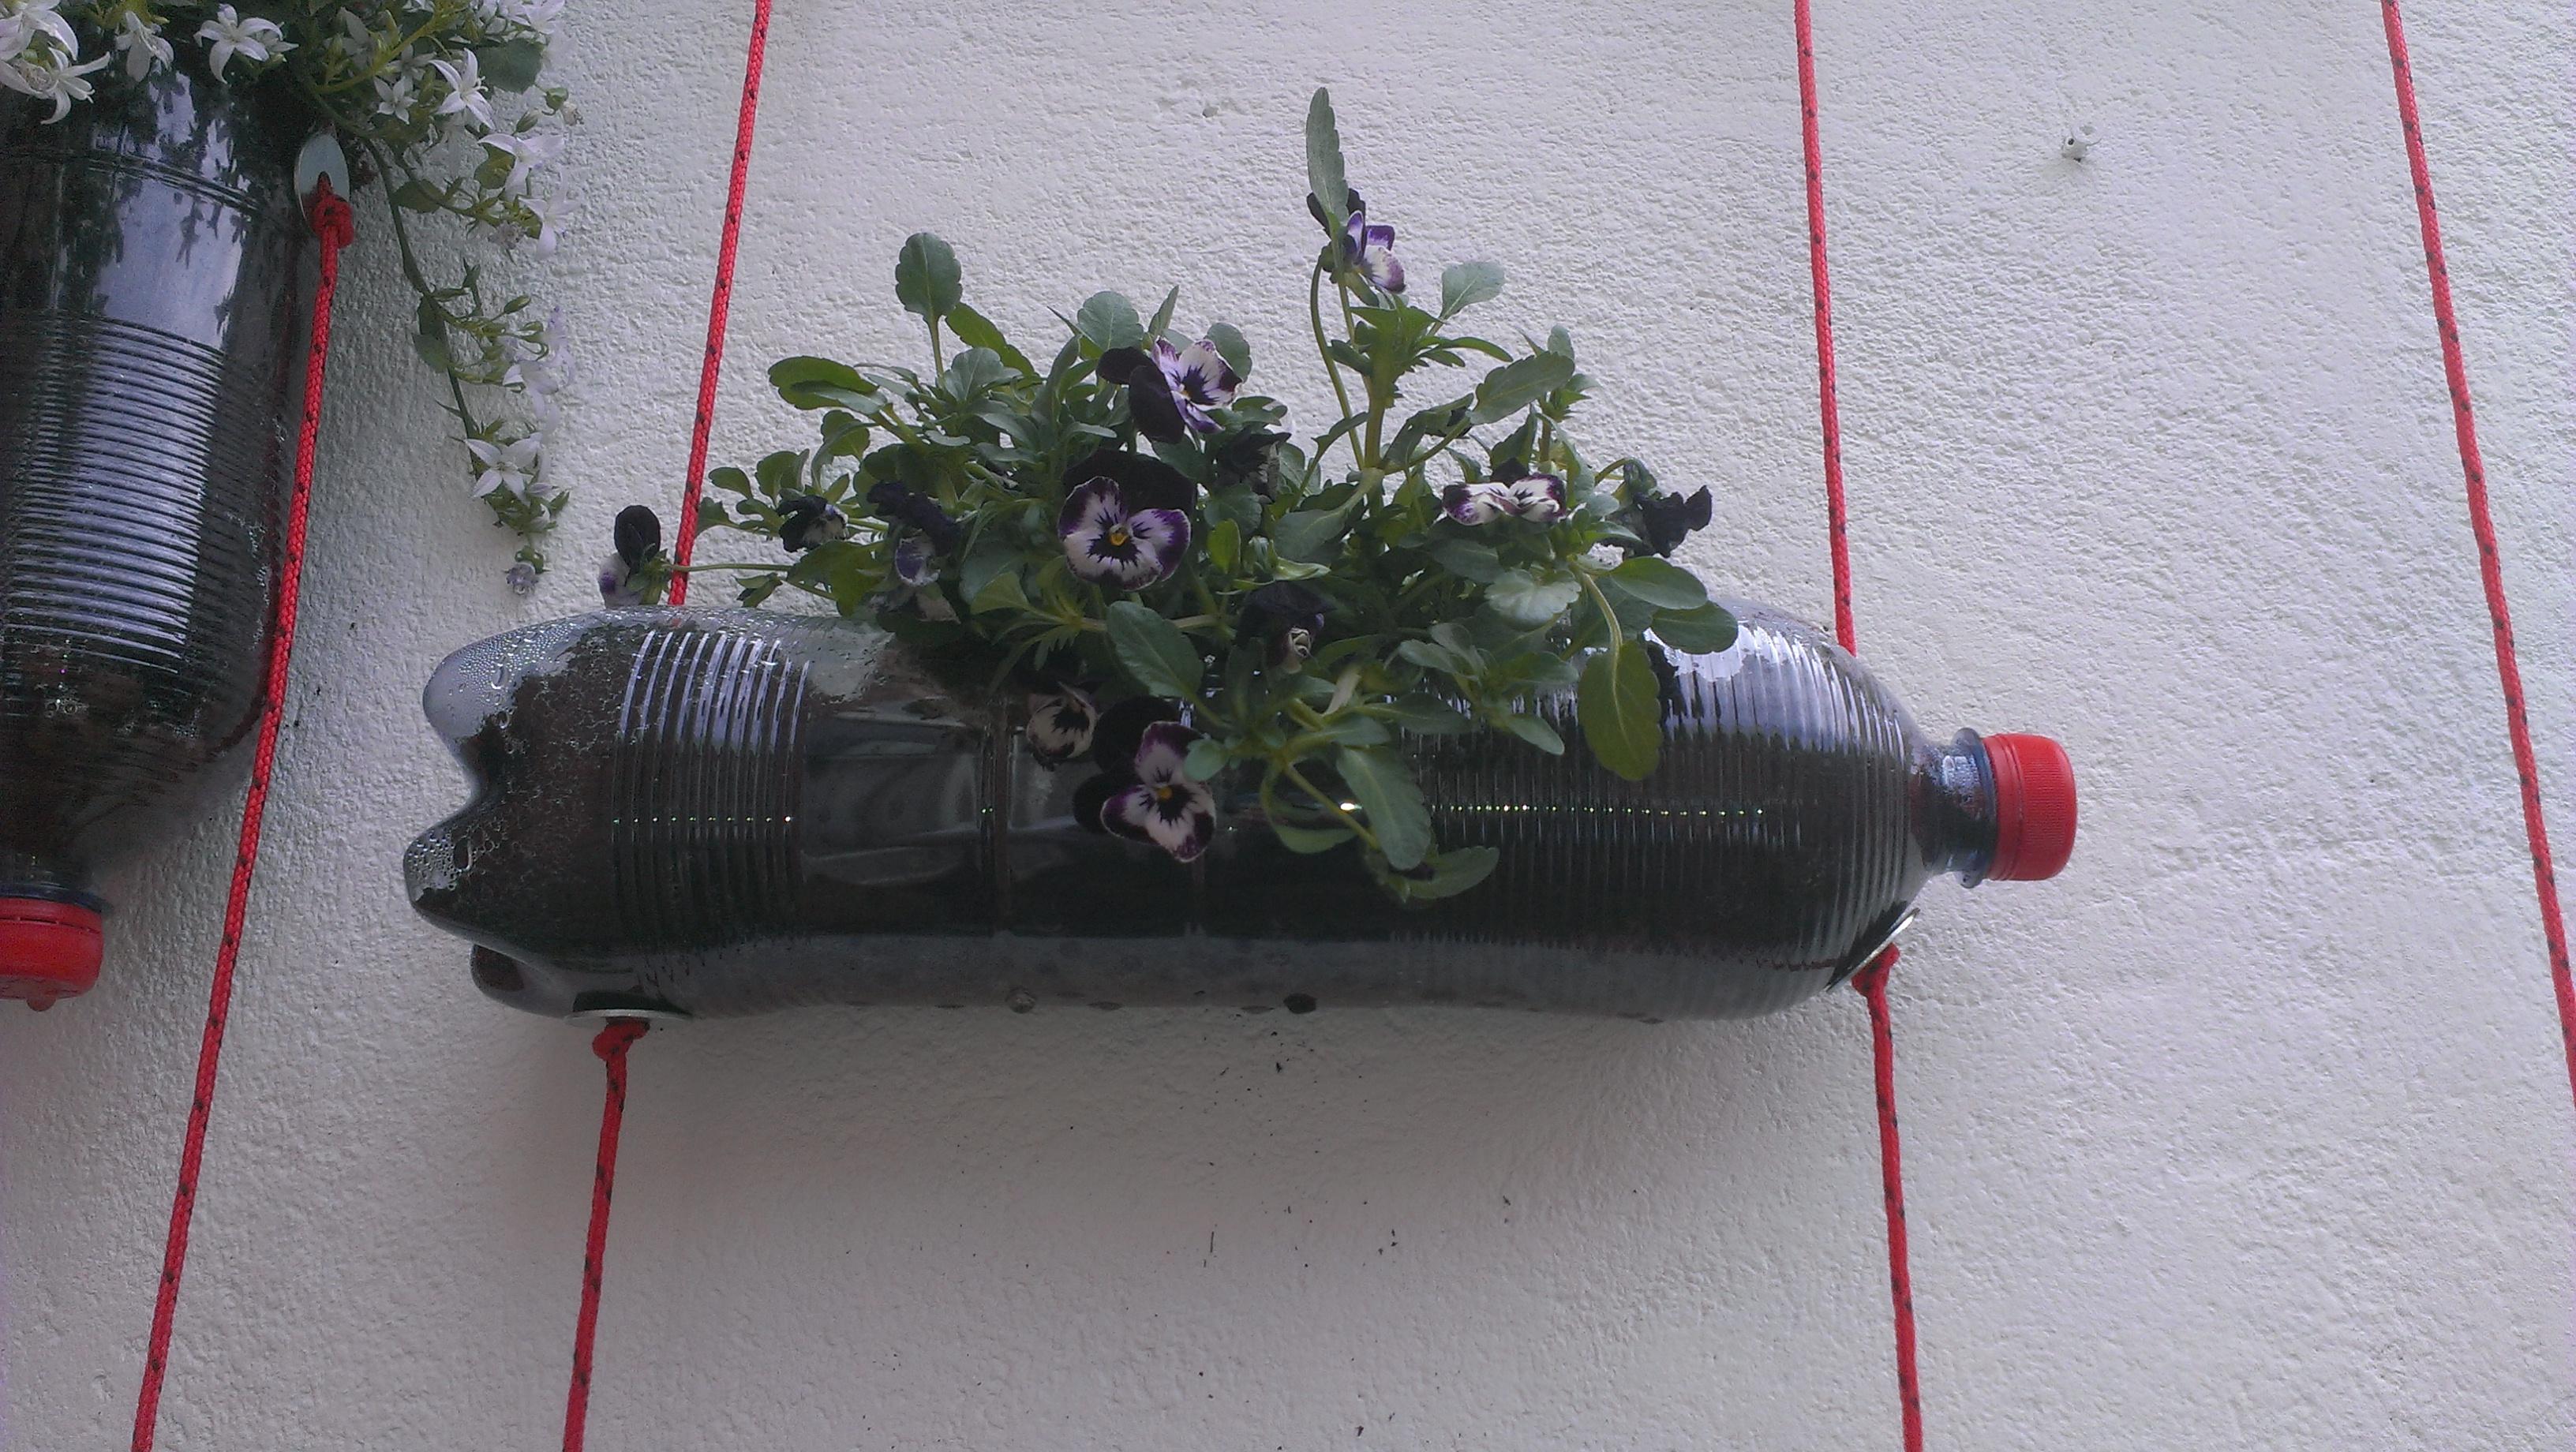 Verticale Tuin Maken : F bian archive hoe een verticale tuin te maken